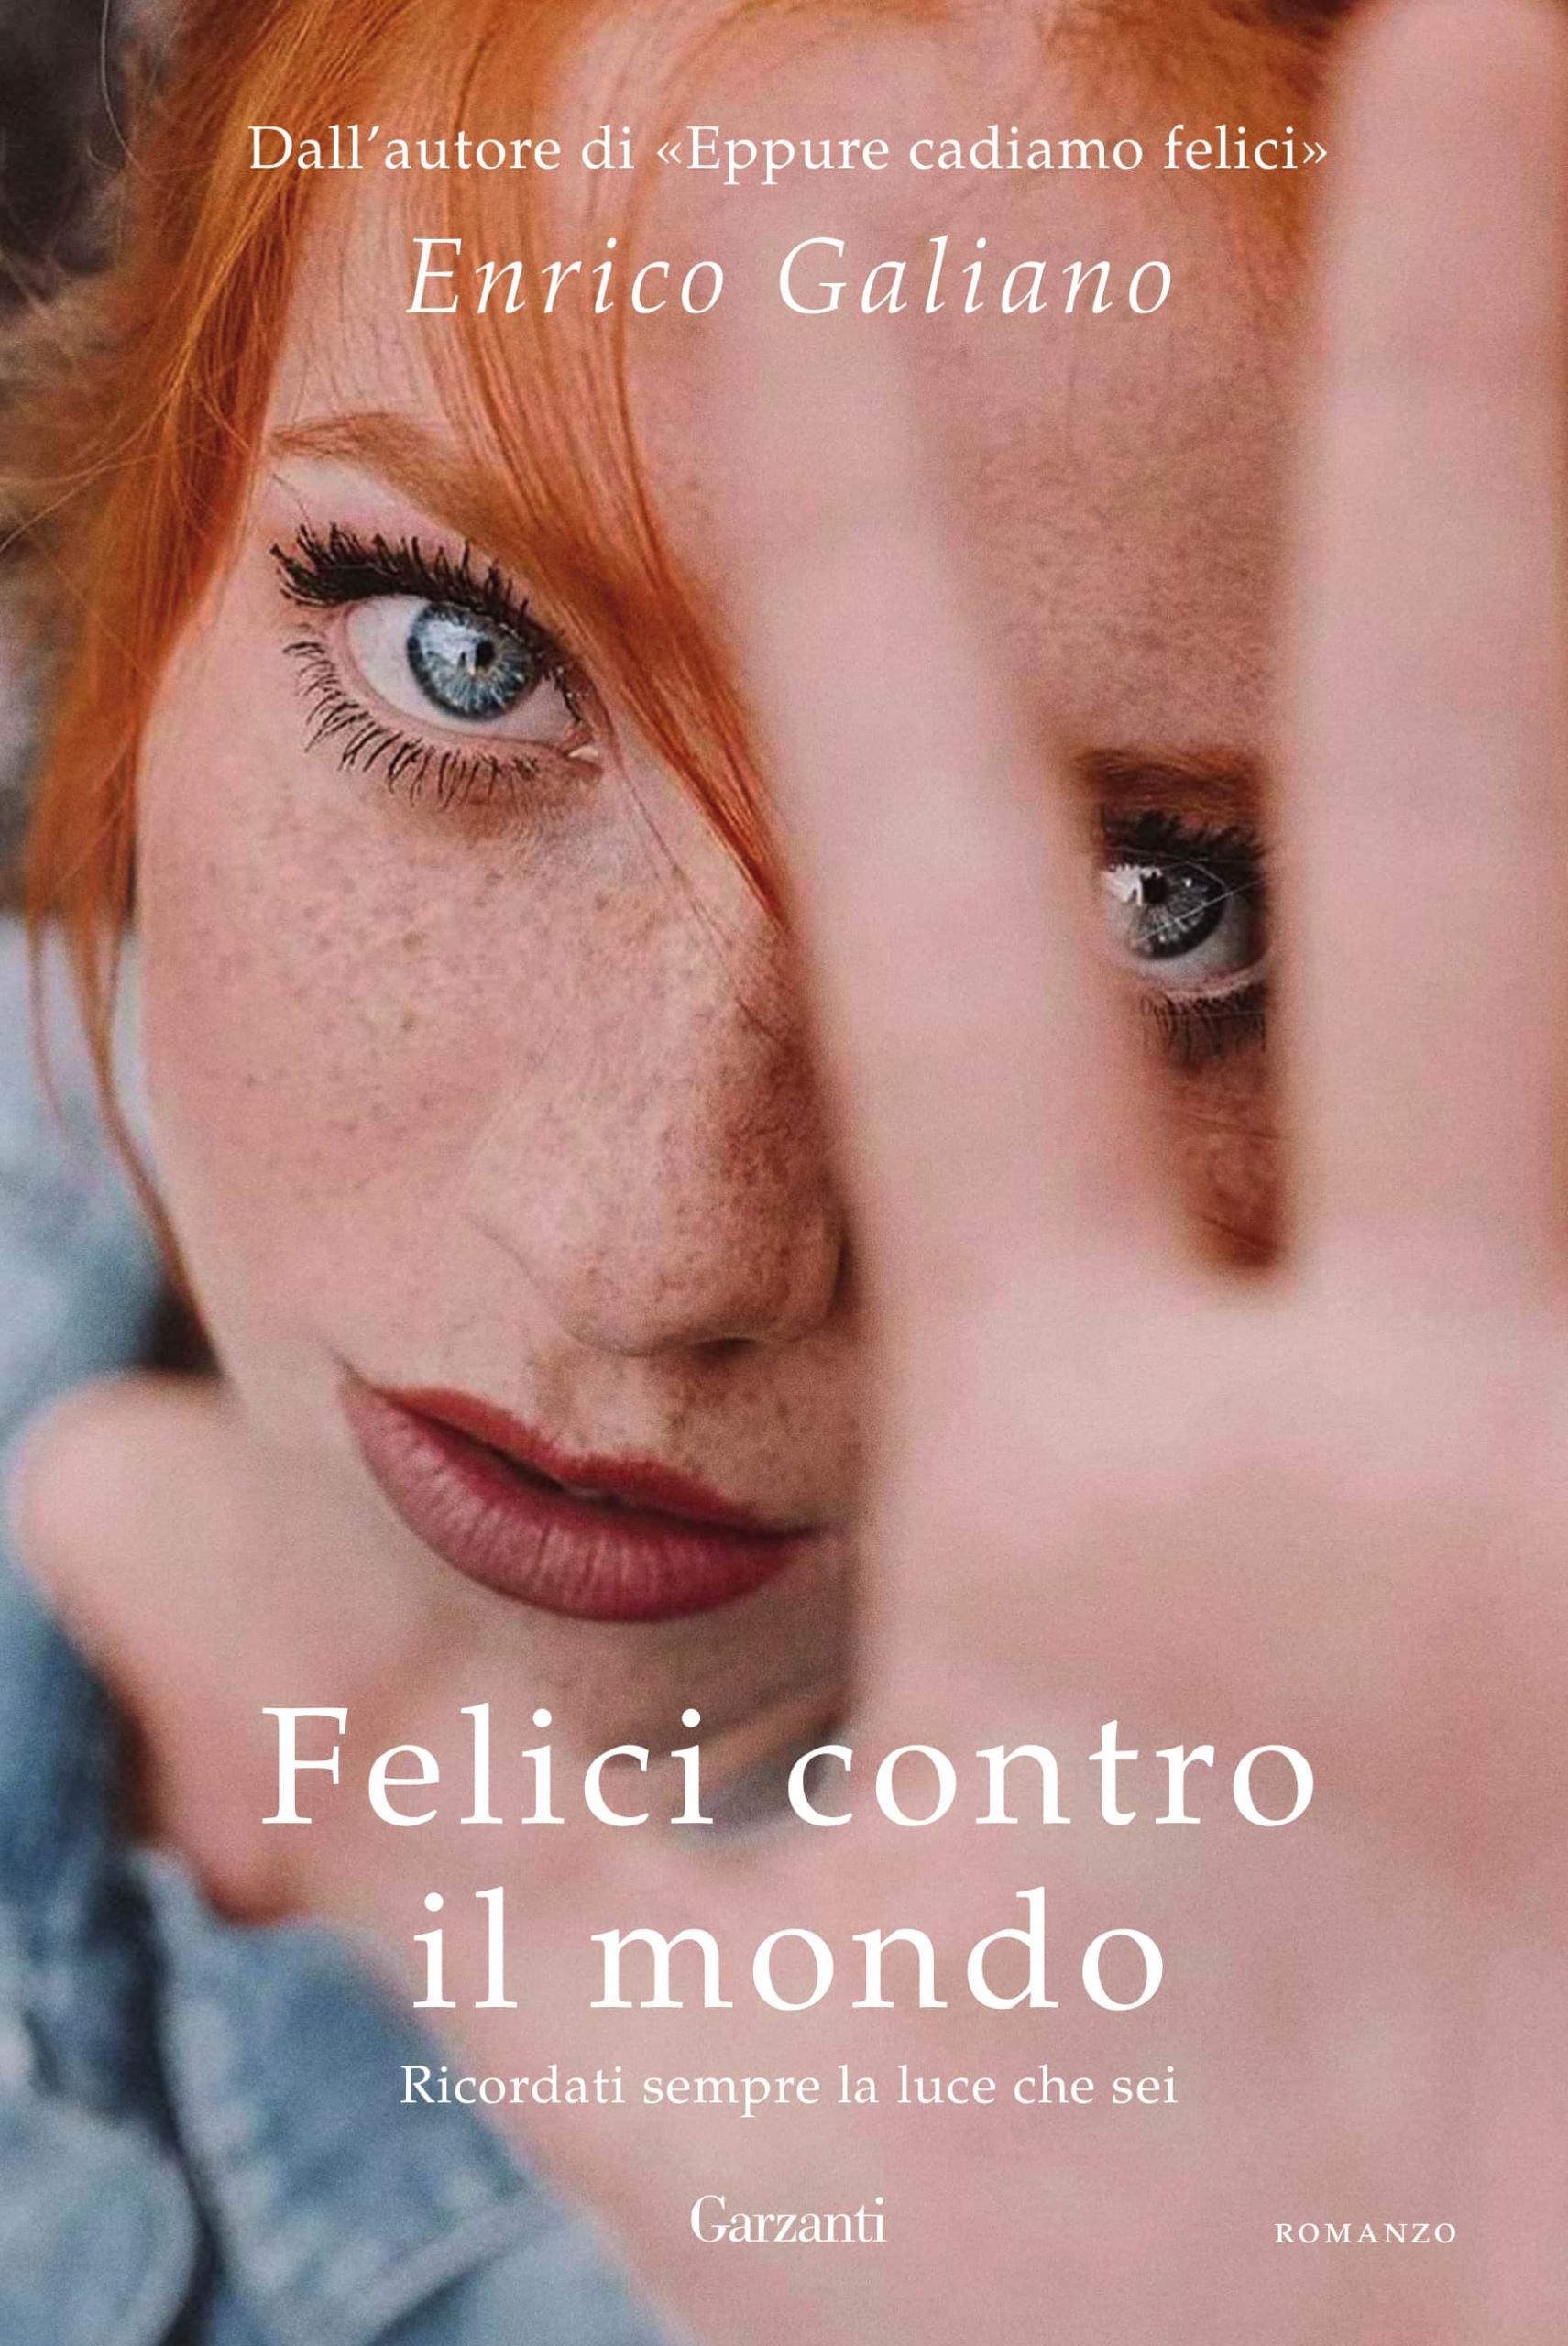 Copertina del libro Felici contro il mondo di Enrico Galiano